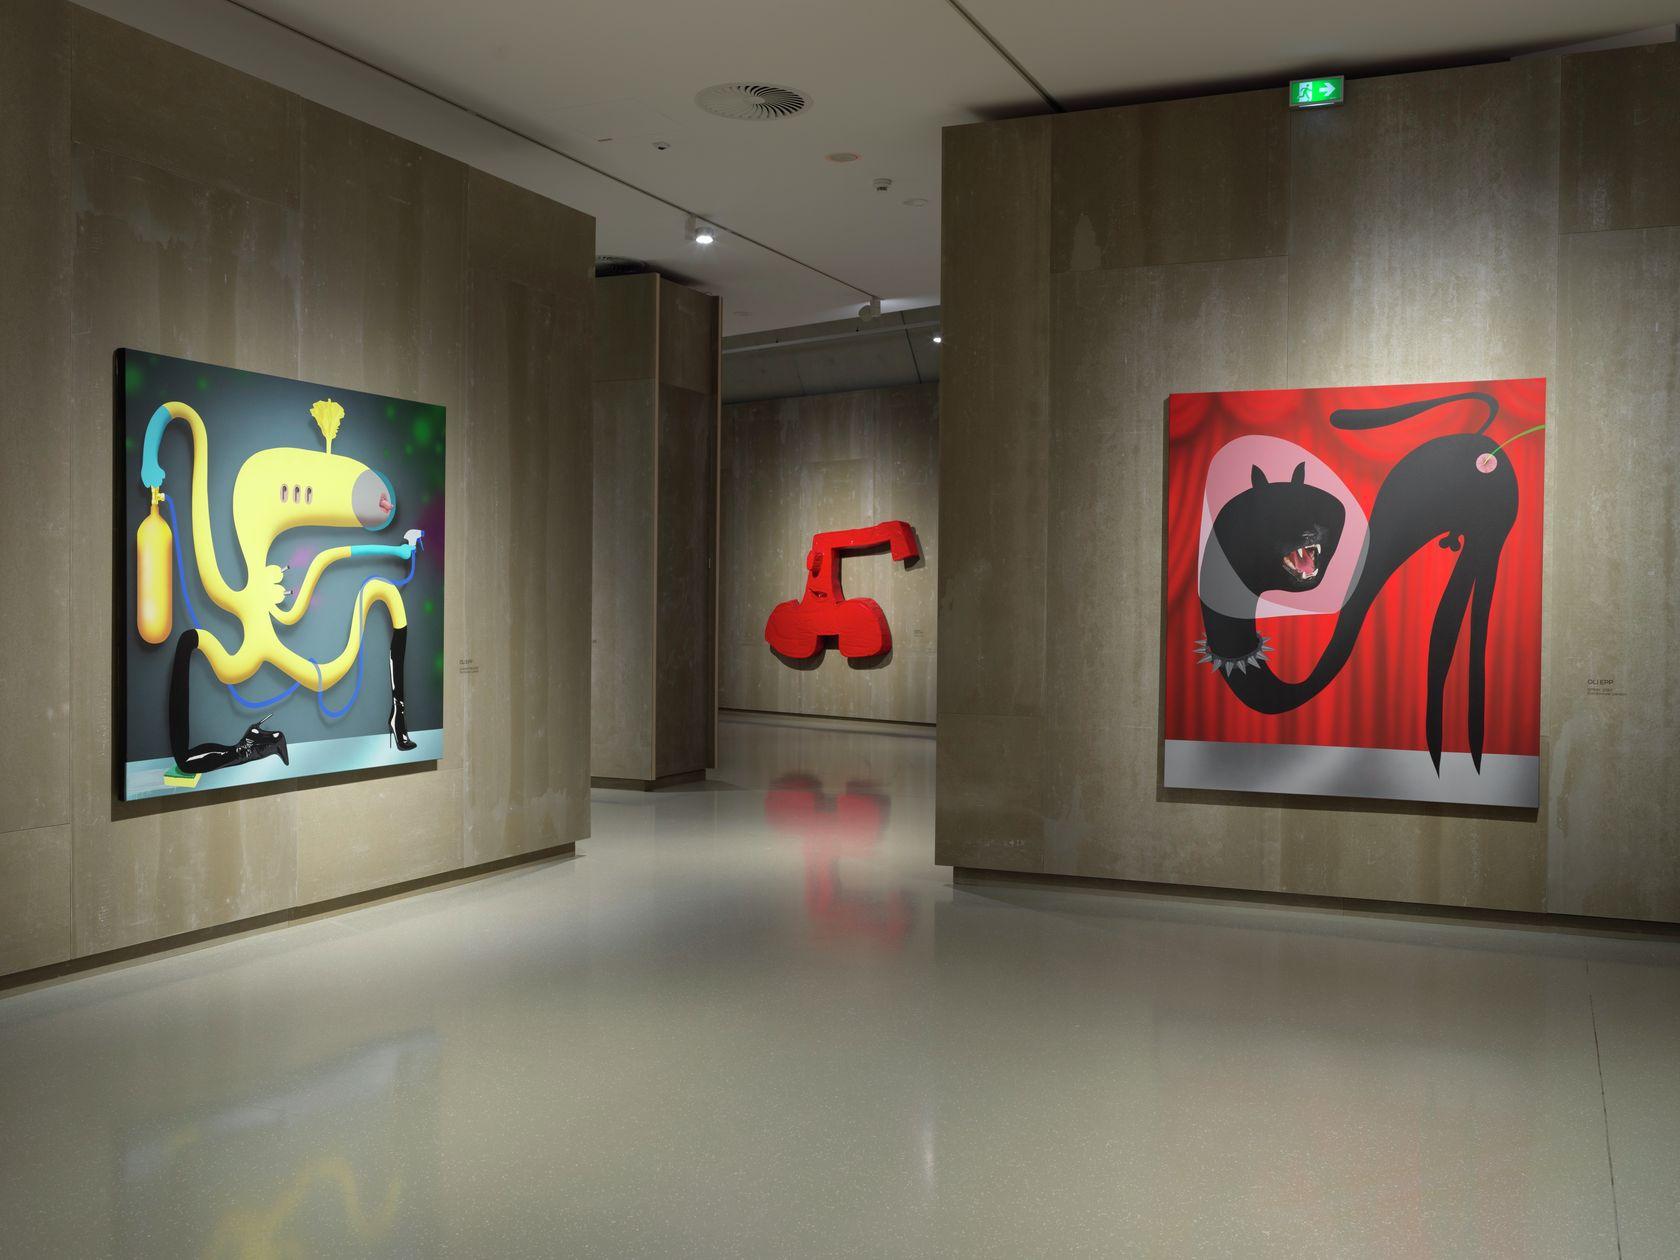 Oli Epp, Friends and Friends of Friends, Schlossmuseum, Linz (AT) 30 septembre 2020 - 6 janvier 2021 © Michael Maritsch